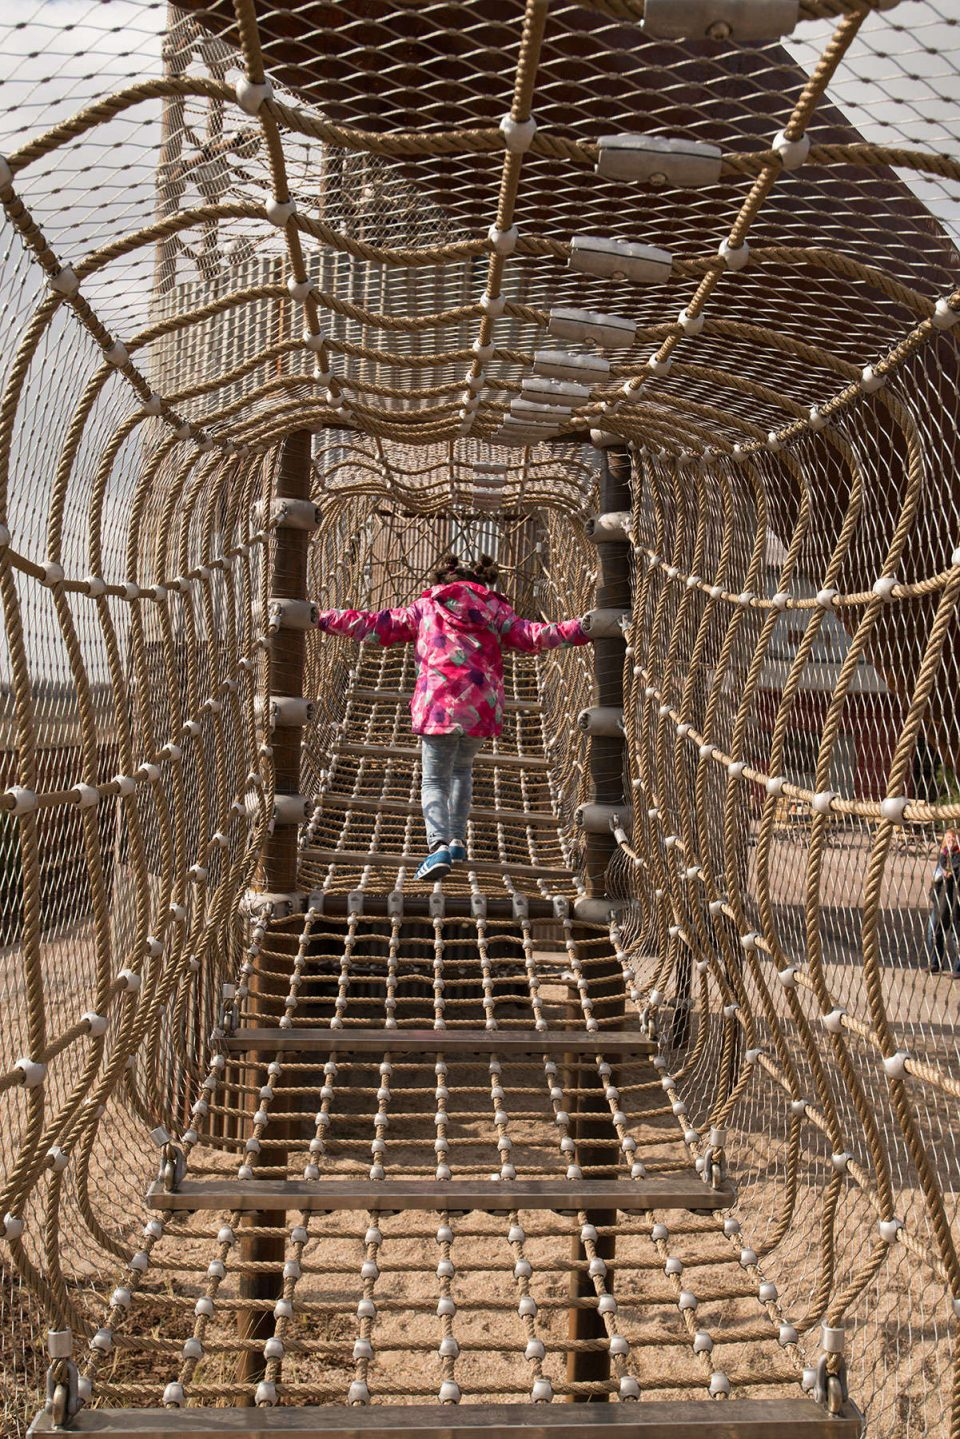 Netztunnel verbindet den Kletterturm mit einer Terrasse